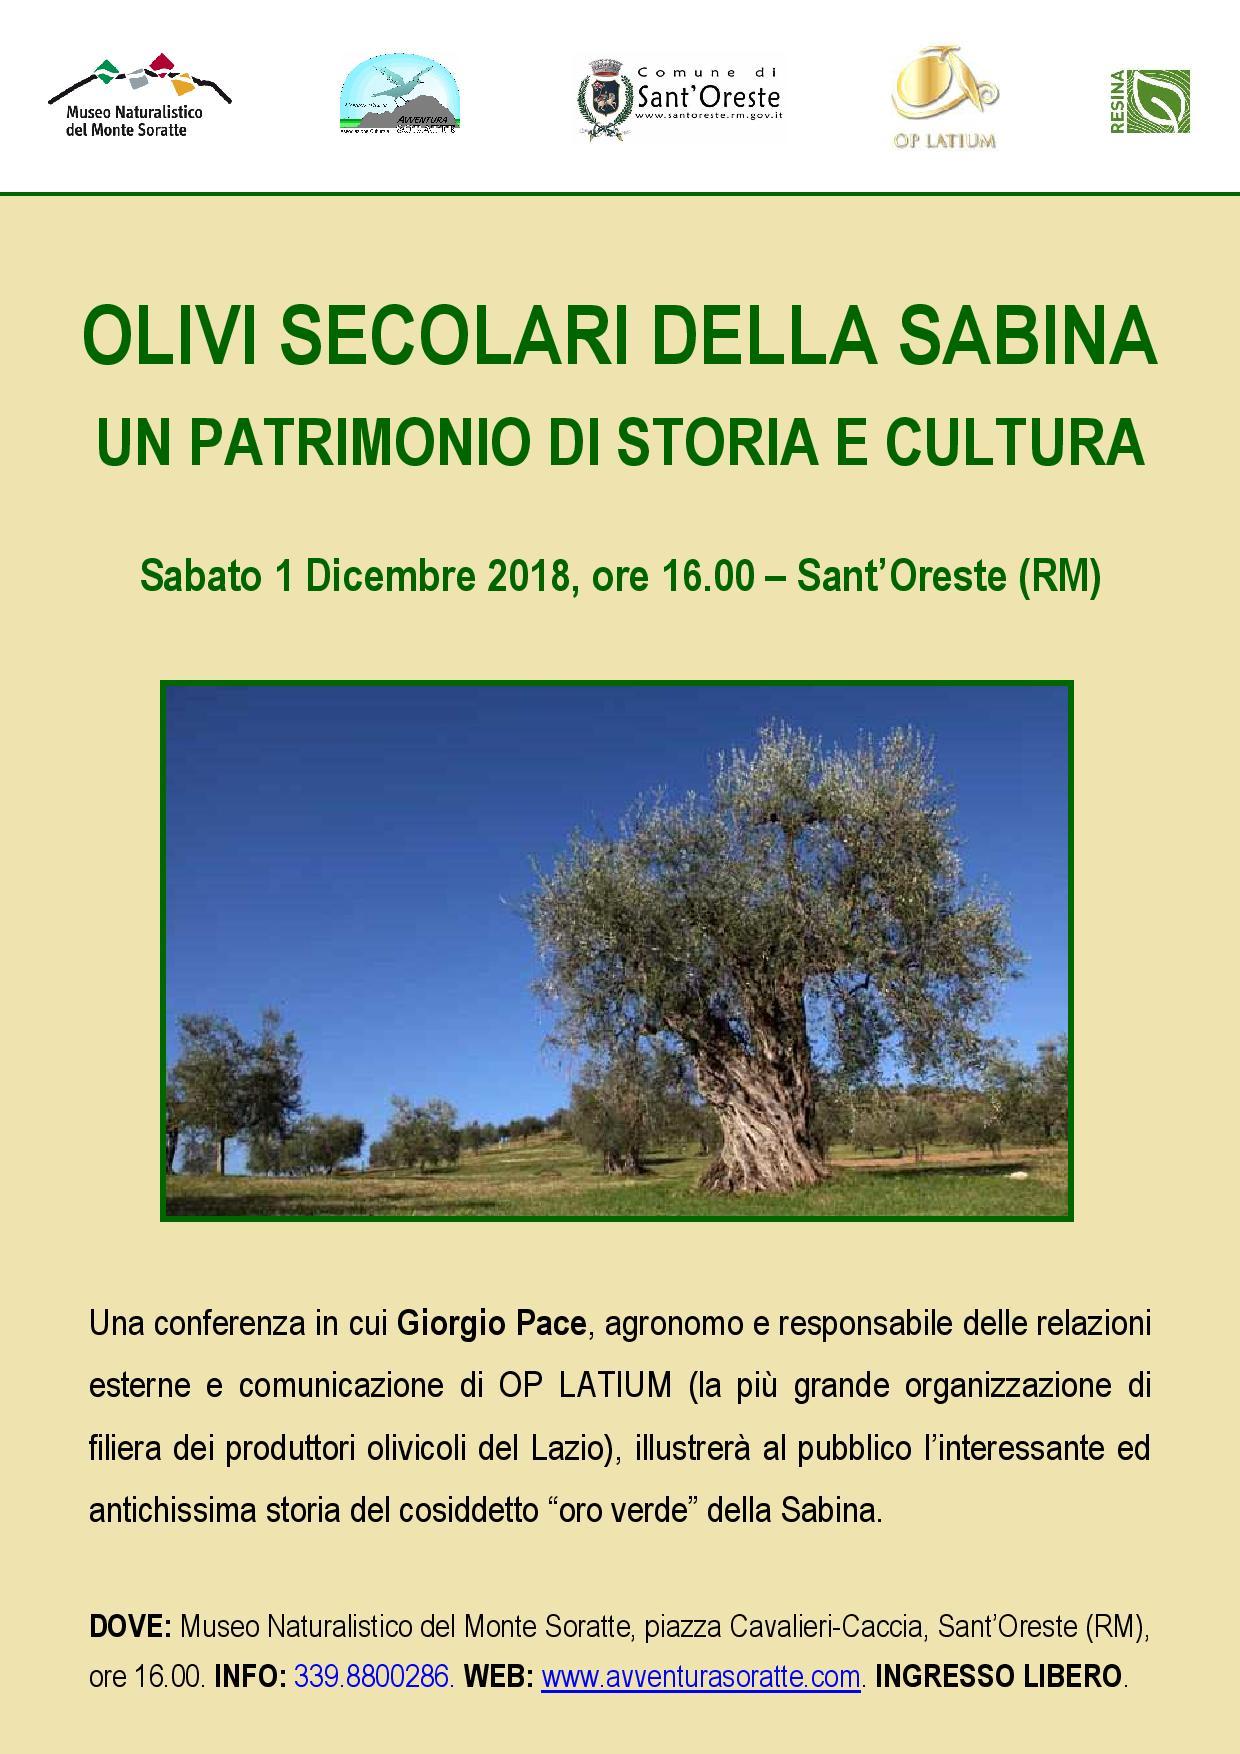 Olivi secolari della Sabina: un patrimonio di storia e cultura - eventi in sabina